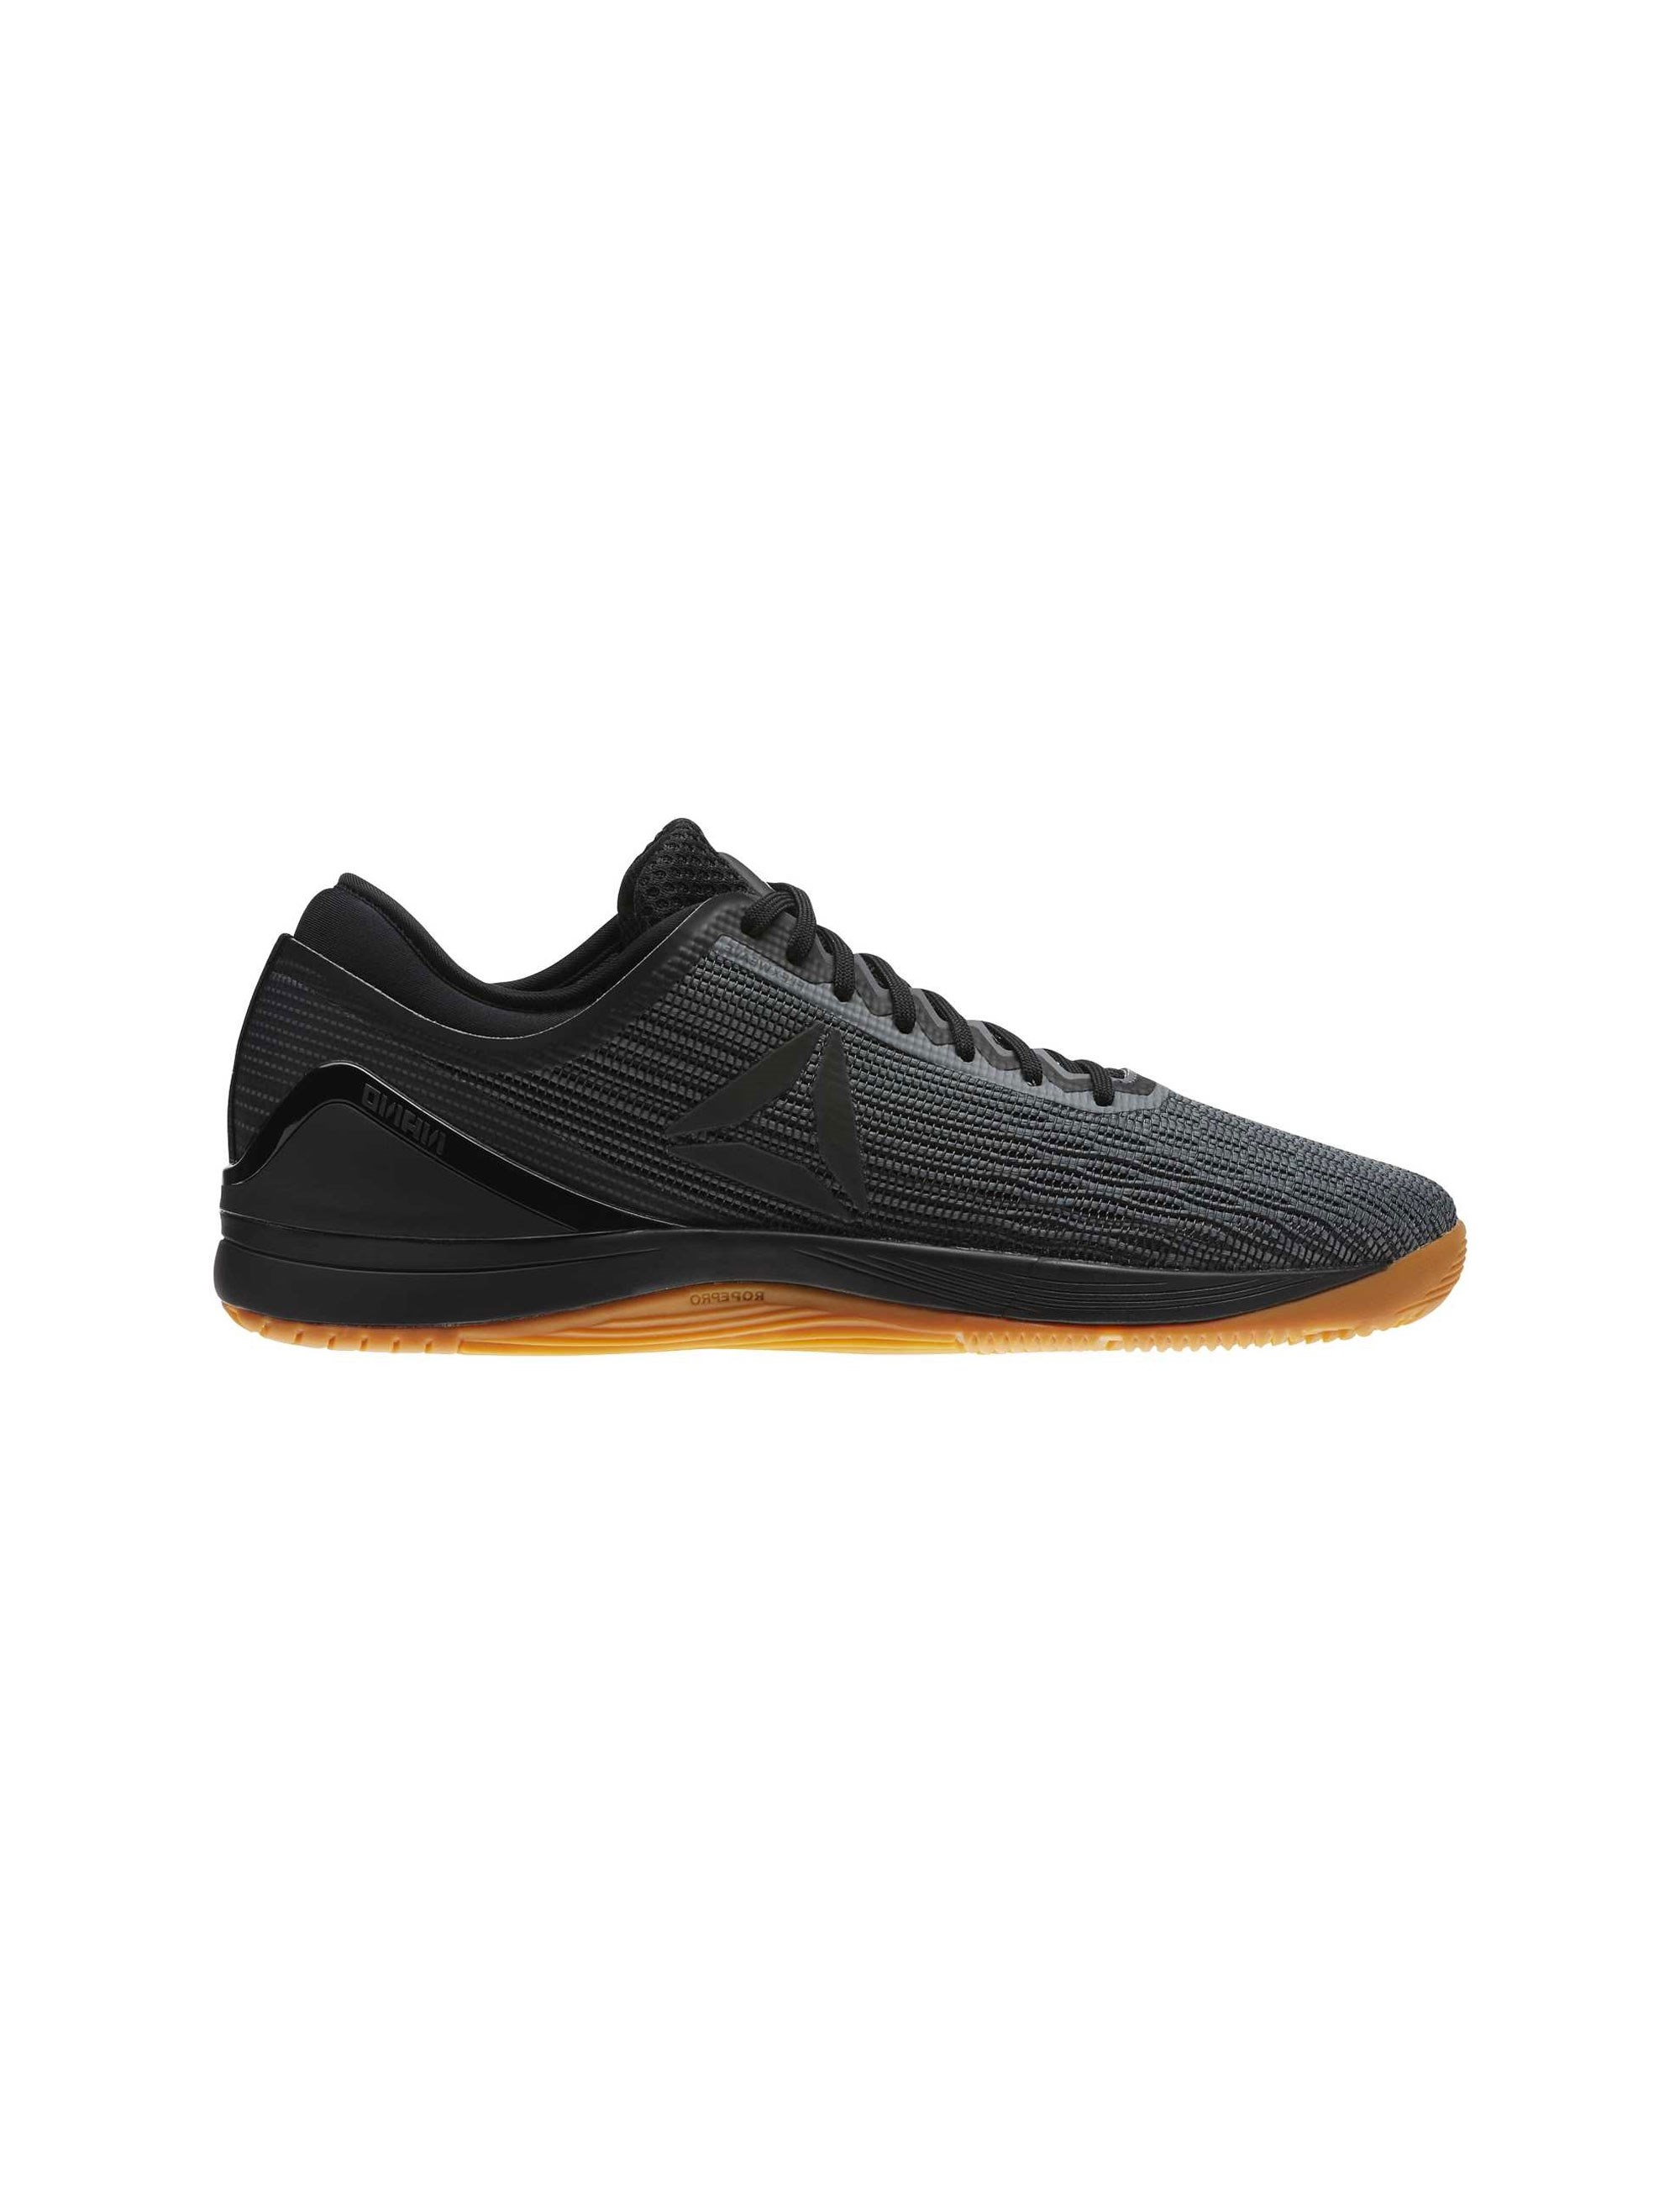 قیمت کفش تمرین بندی مردانه CrossFit Nano 8 Flexweave - ریباک